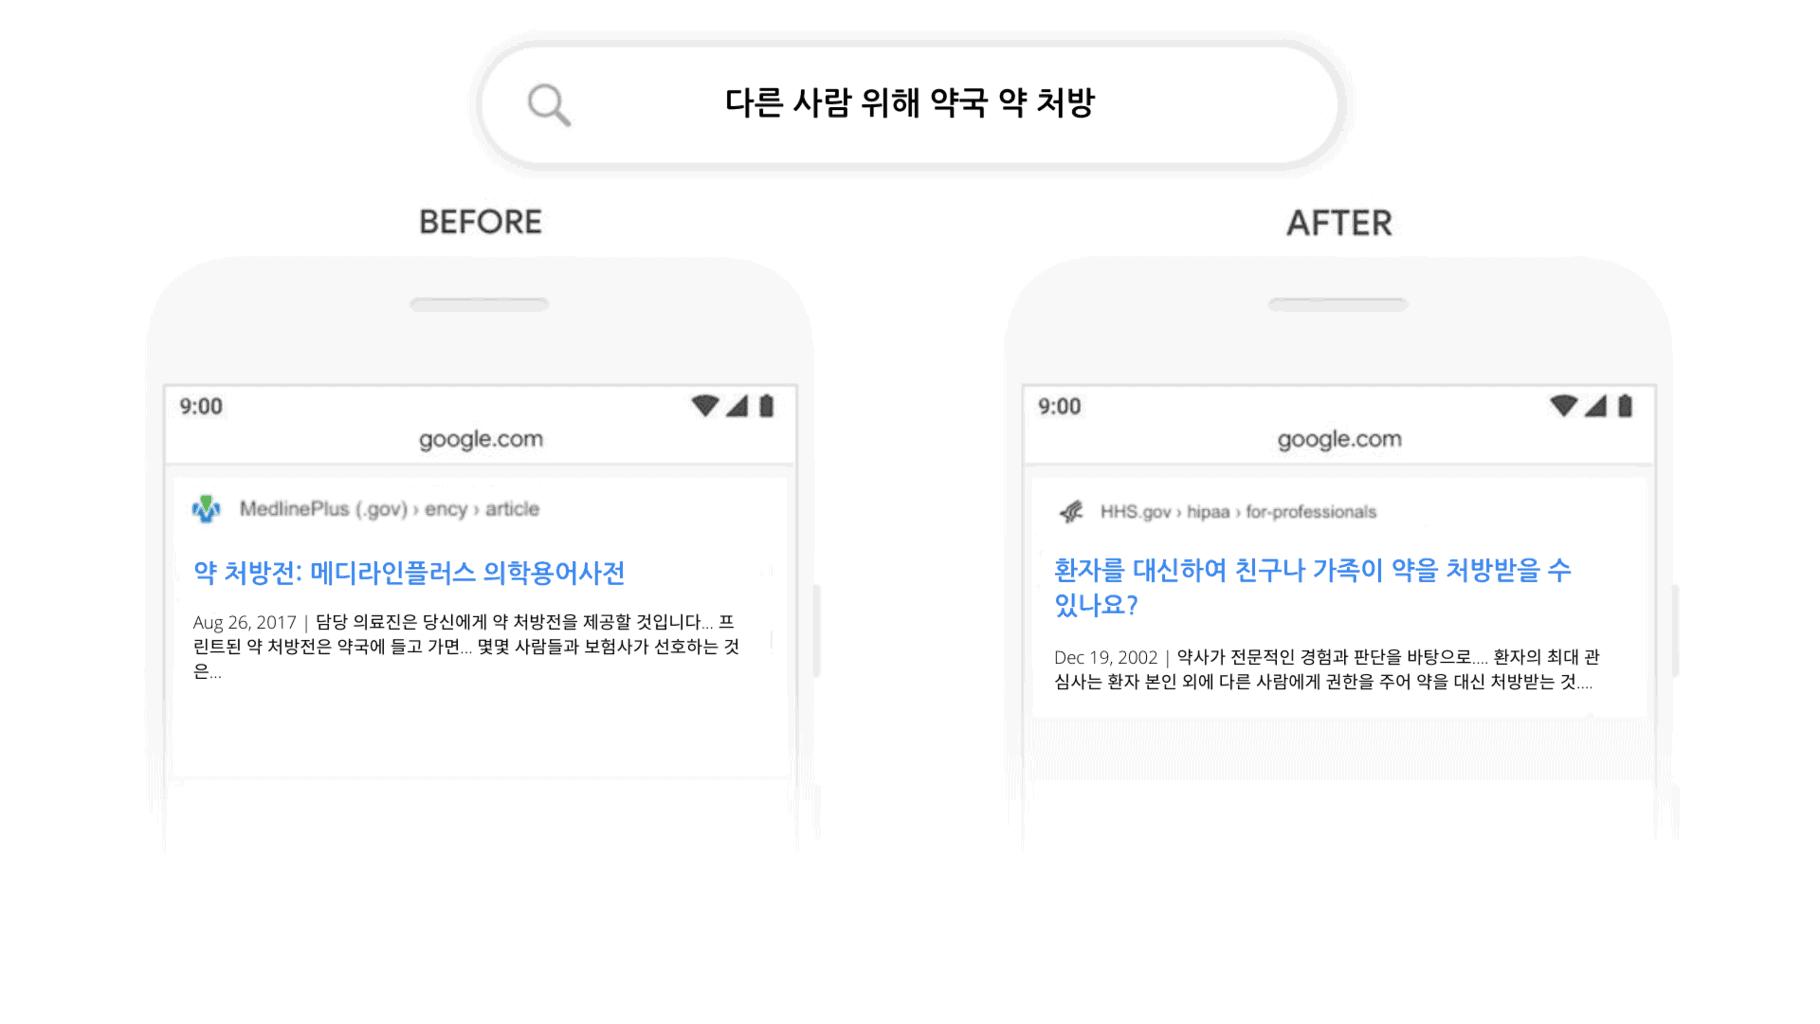 구글 BERT 적용 전후 비교사진